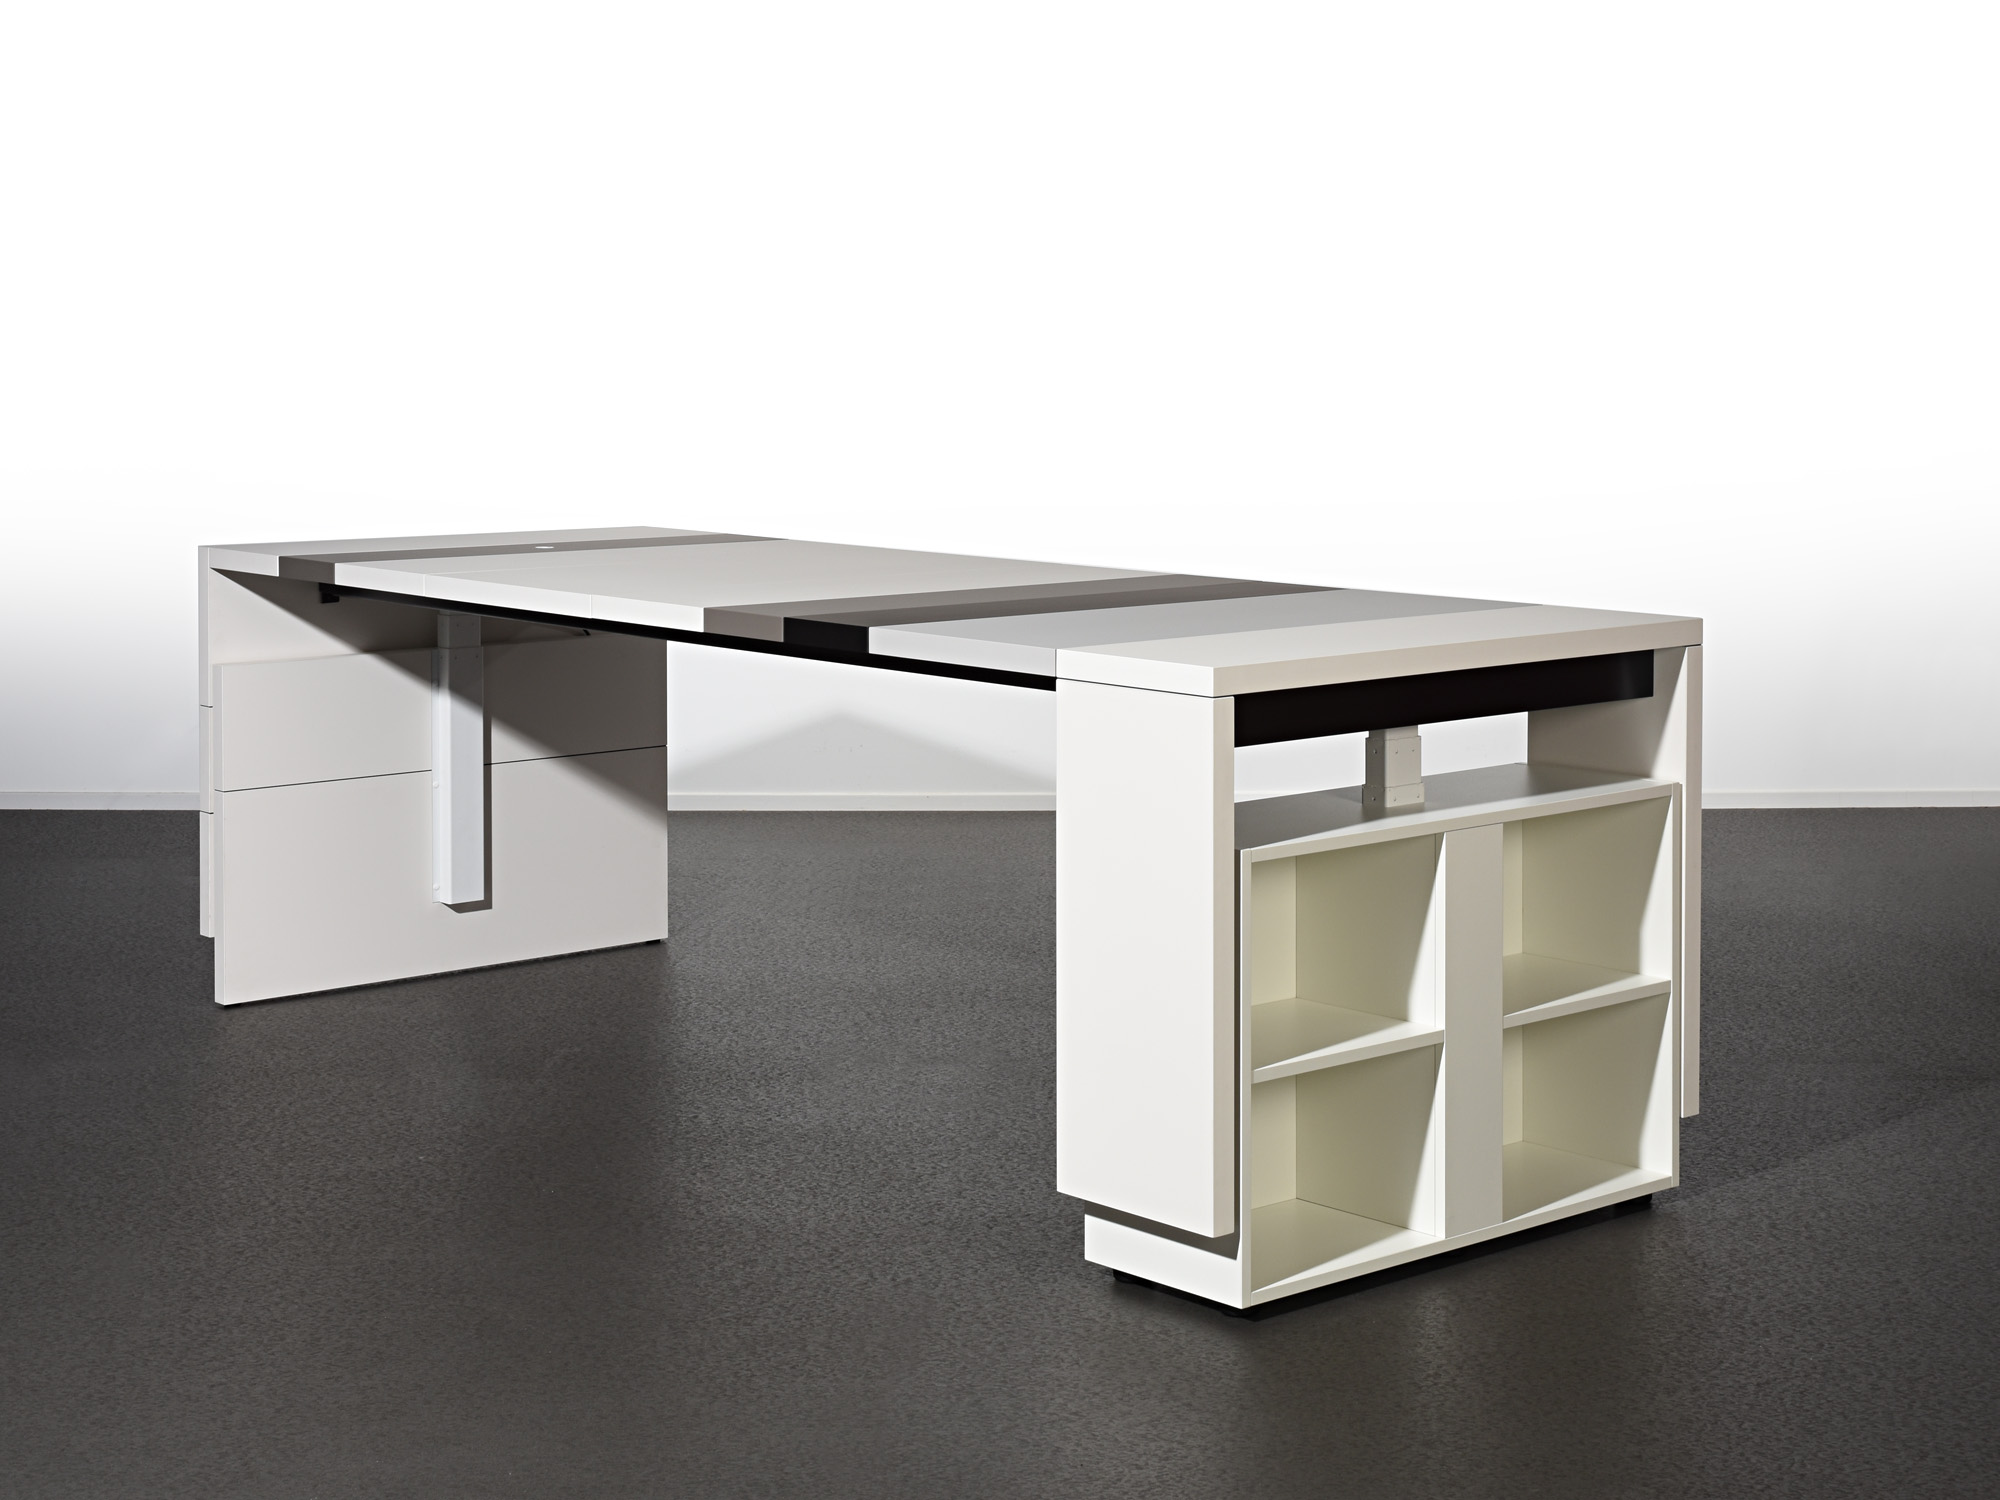 LV-zitsta, ontwerp door Marieke Castelijn